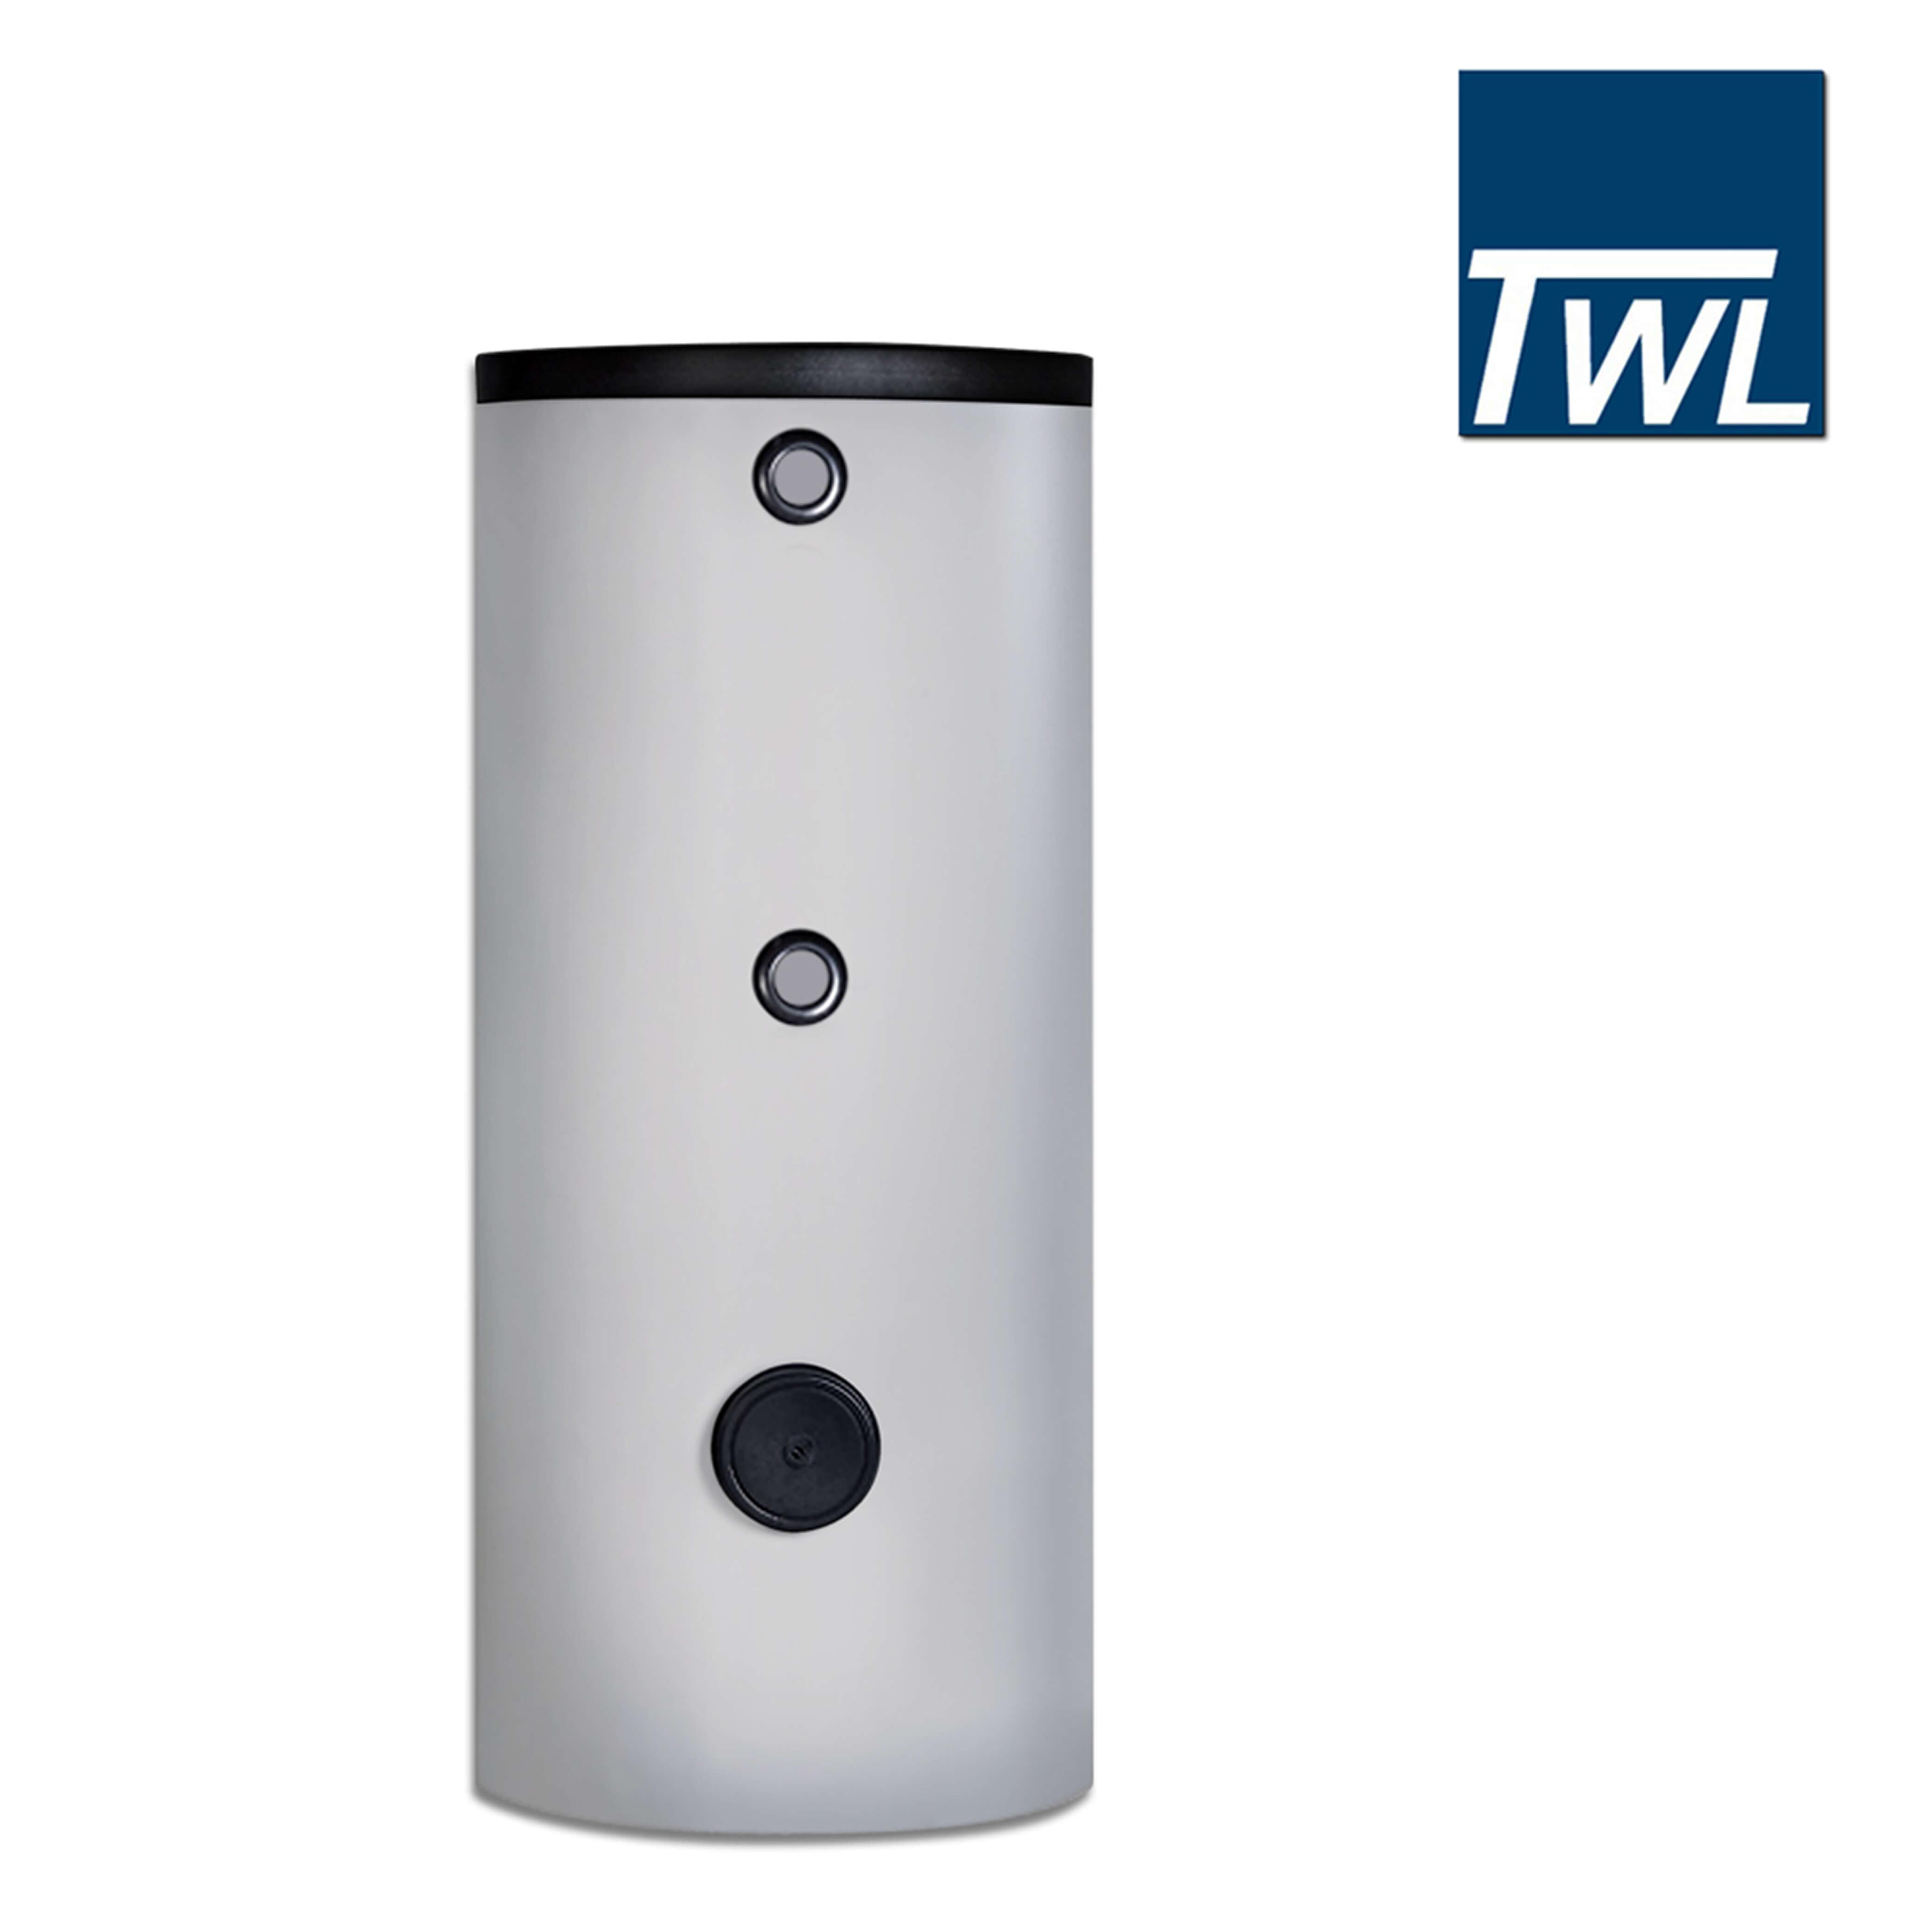 500 Liter TWL Solarspeicher, Warmwasserspeicher Typ SO 500, Isoliert ...